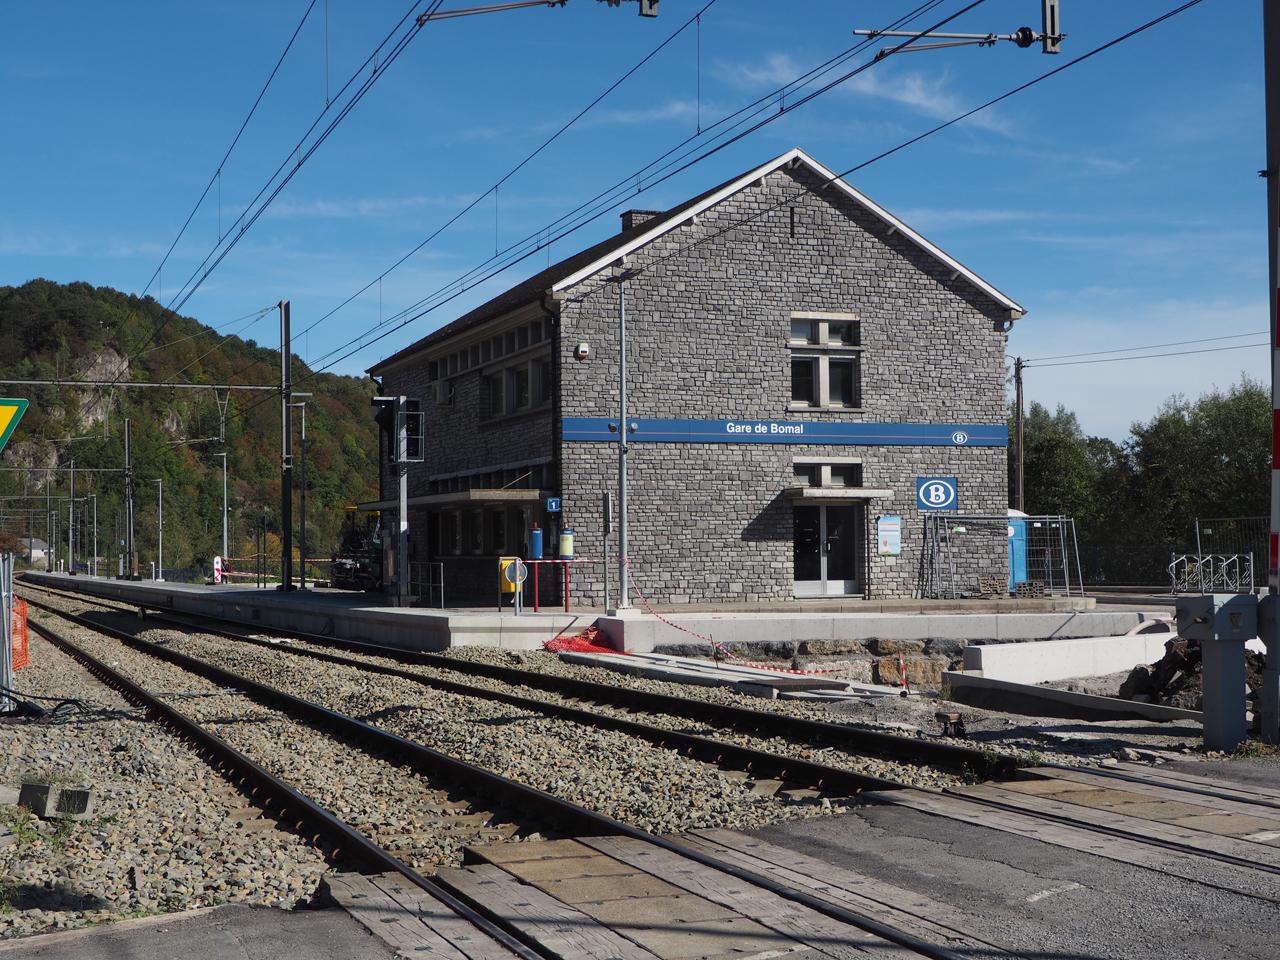 het vernieuwde stationsgebouw in Bomal